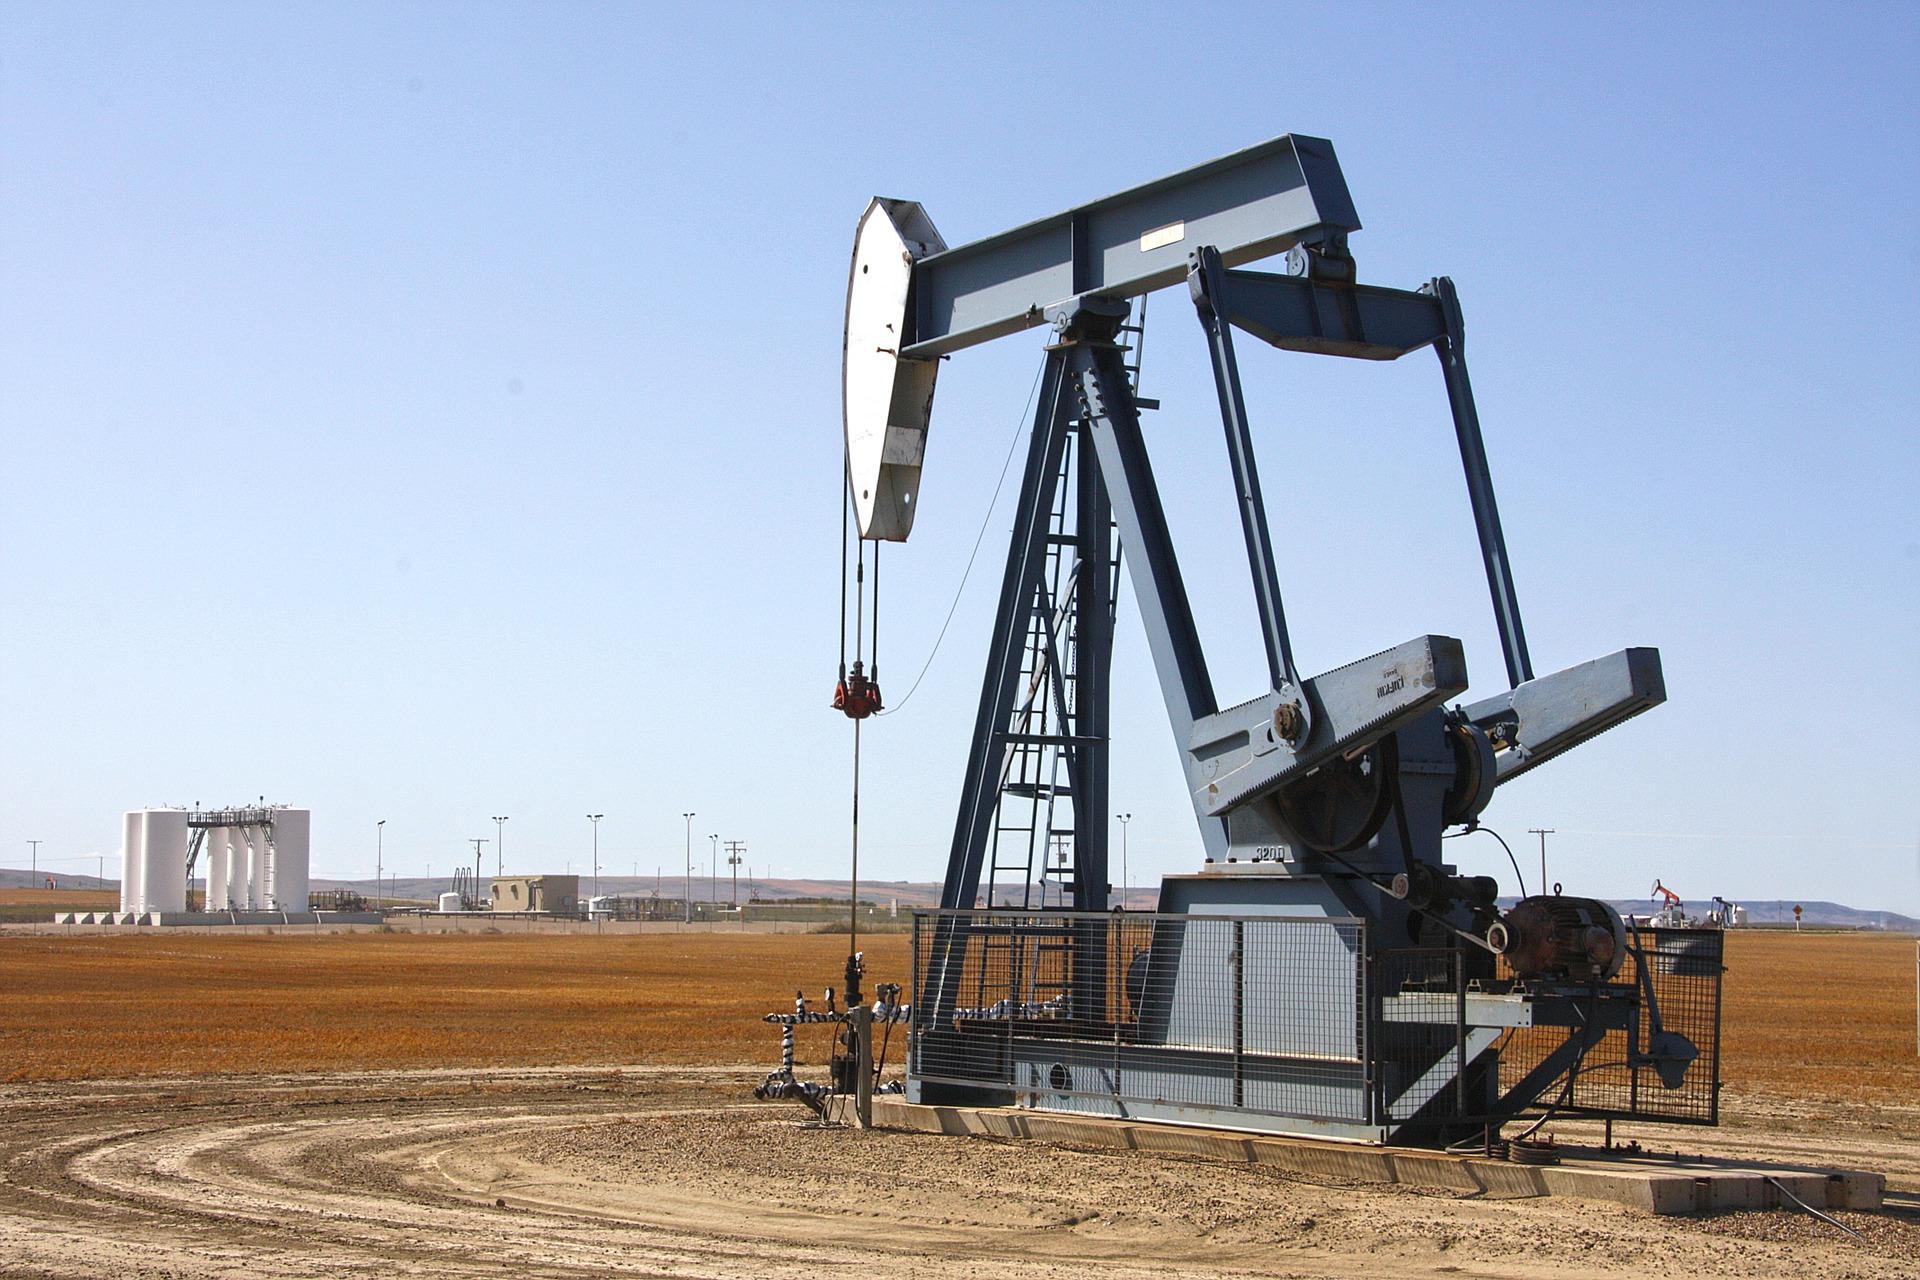 Dokud se nenaučíme ropu zcela nahradit obnovitelnými zdroji, budeme závislí na dodávkách z nestabilních oblastí. Zdroj: https://pixabay.com